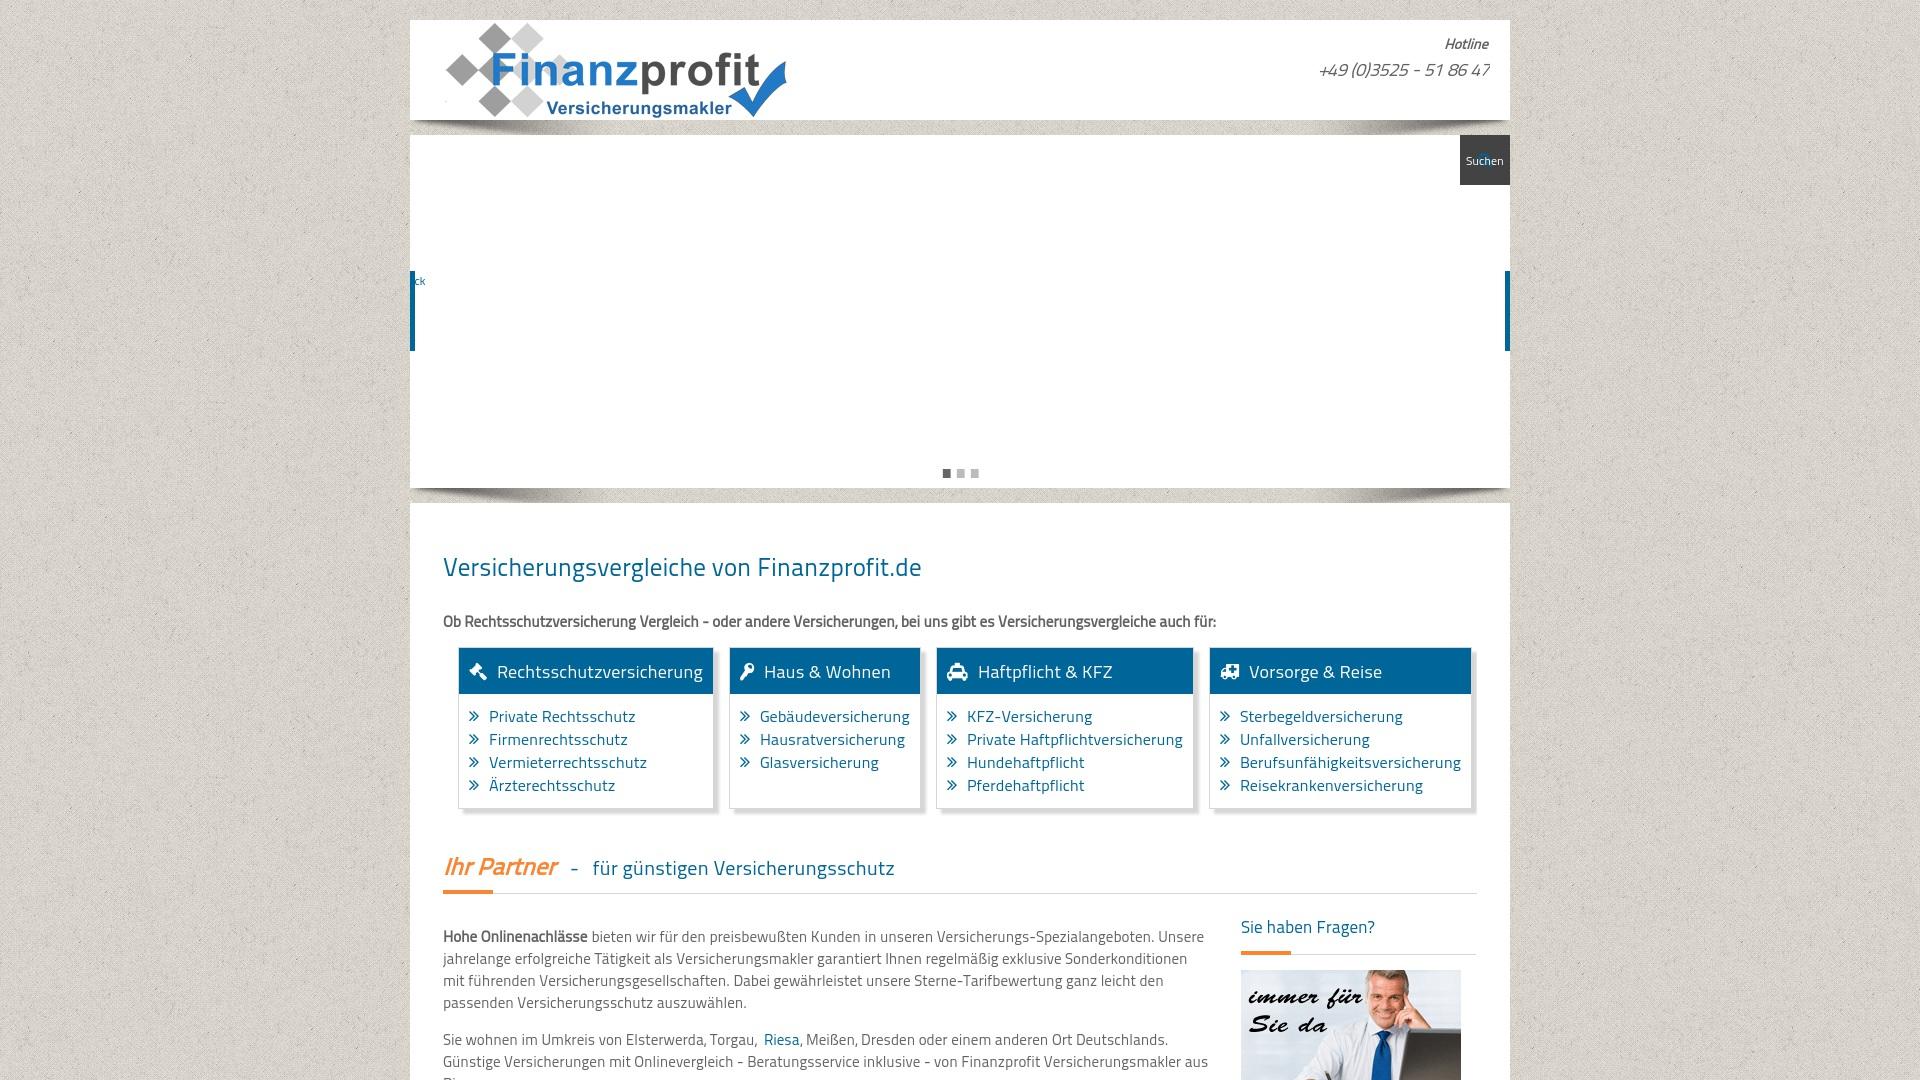 Gutschein für Finanzprofit: Rabatte für  Finanzprofit sichern